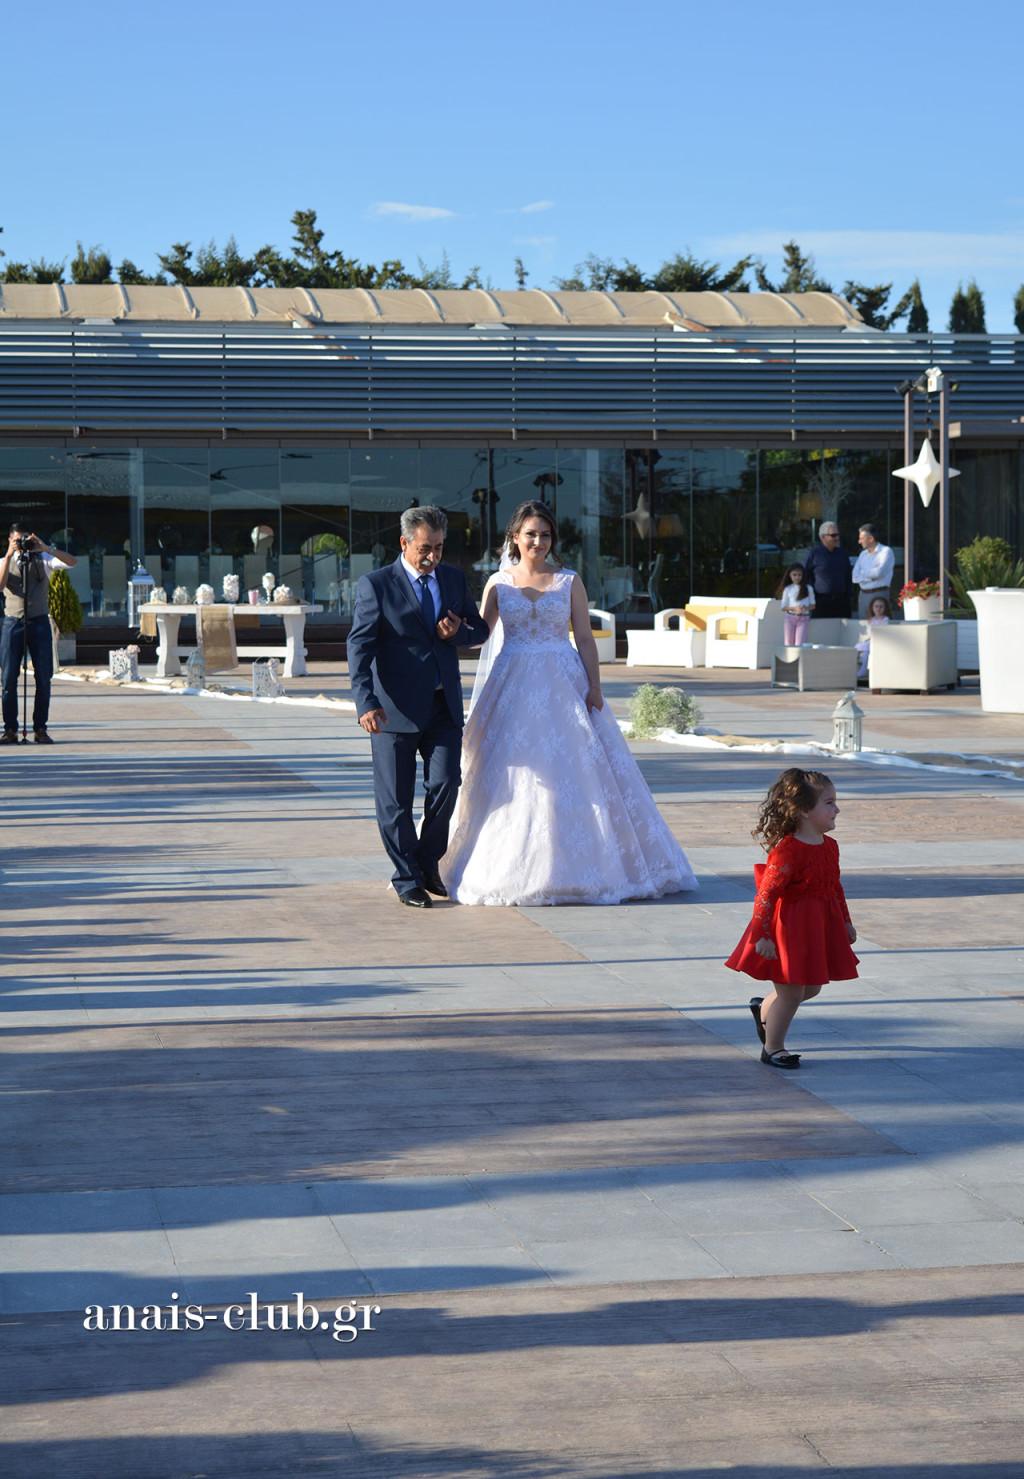 Η μεγάλη στιγμή για κάθε πατέρα να οδηγεί την κόρη του στην εκκλησία και για κάθε νύφη που συνοδεύεται στο δρόμο προς τον άντρα της